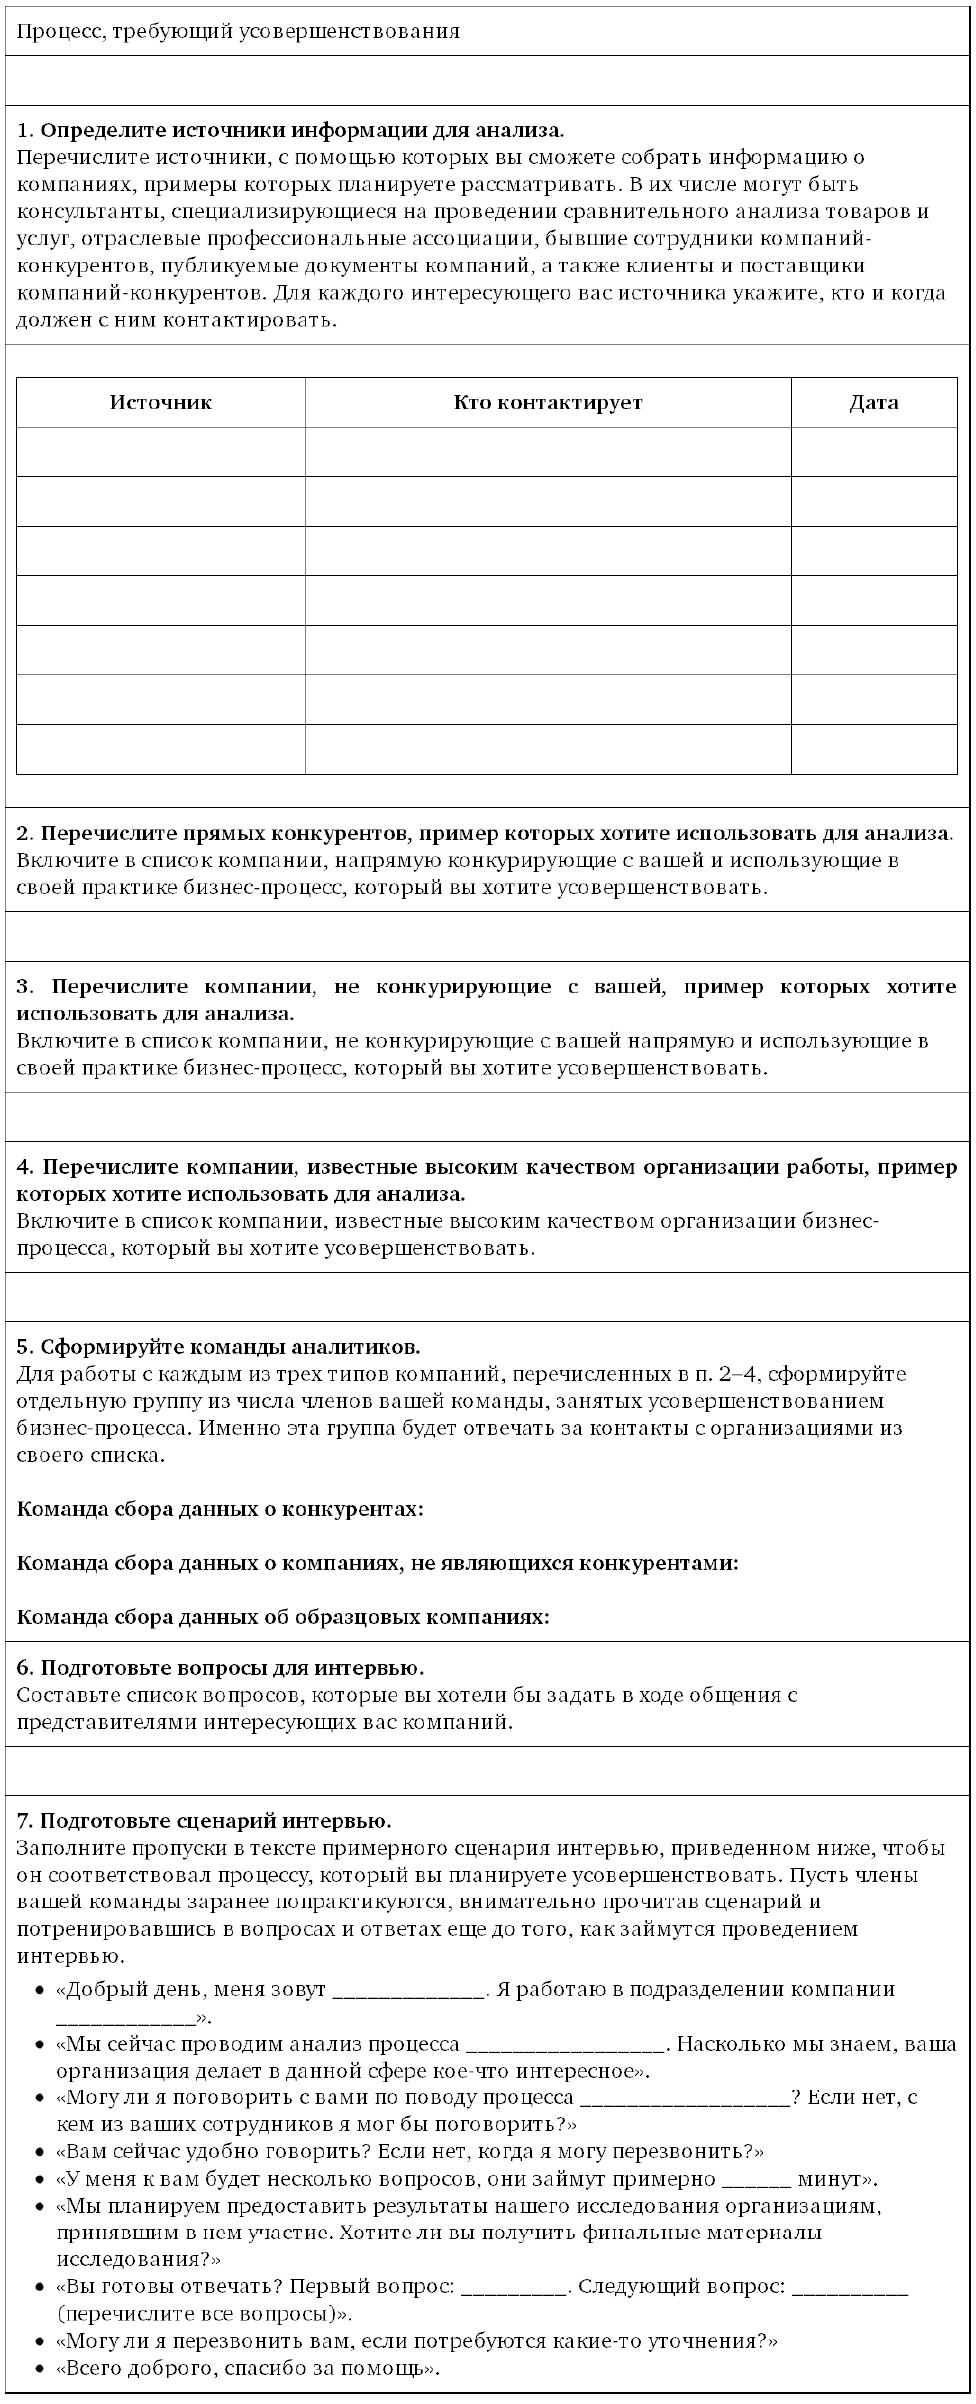 sravnitelnyi_analys_reorganizacii_busnes_processa